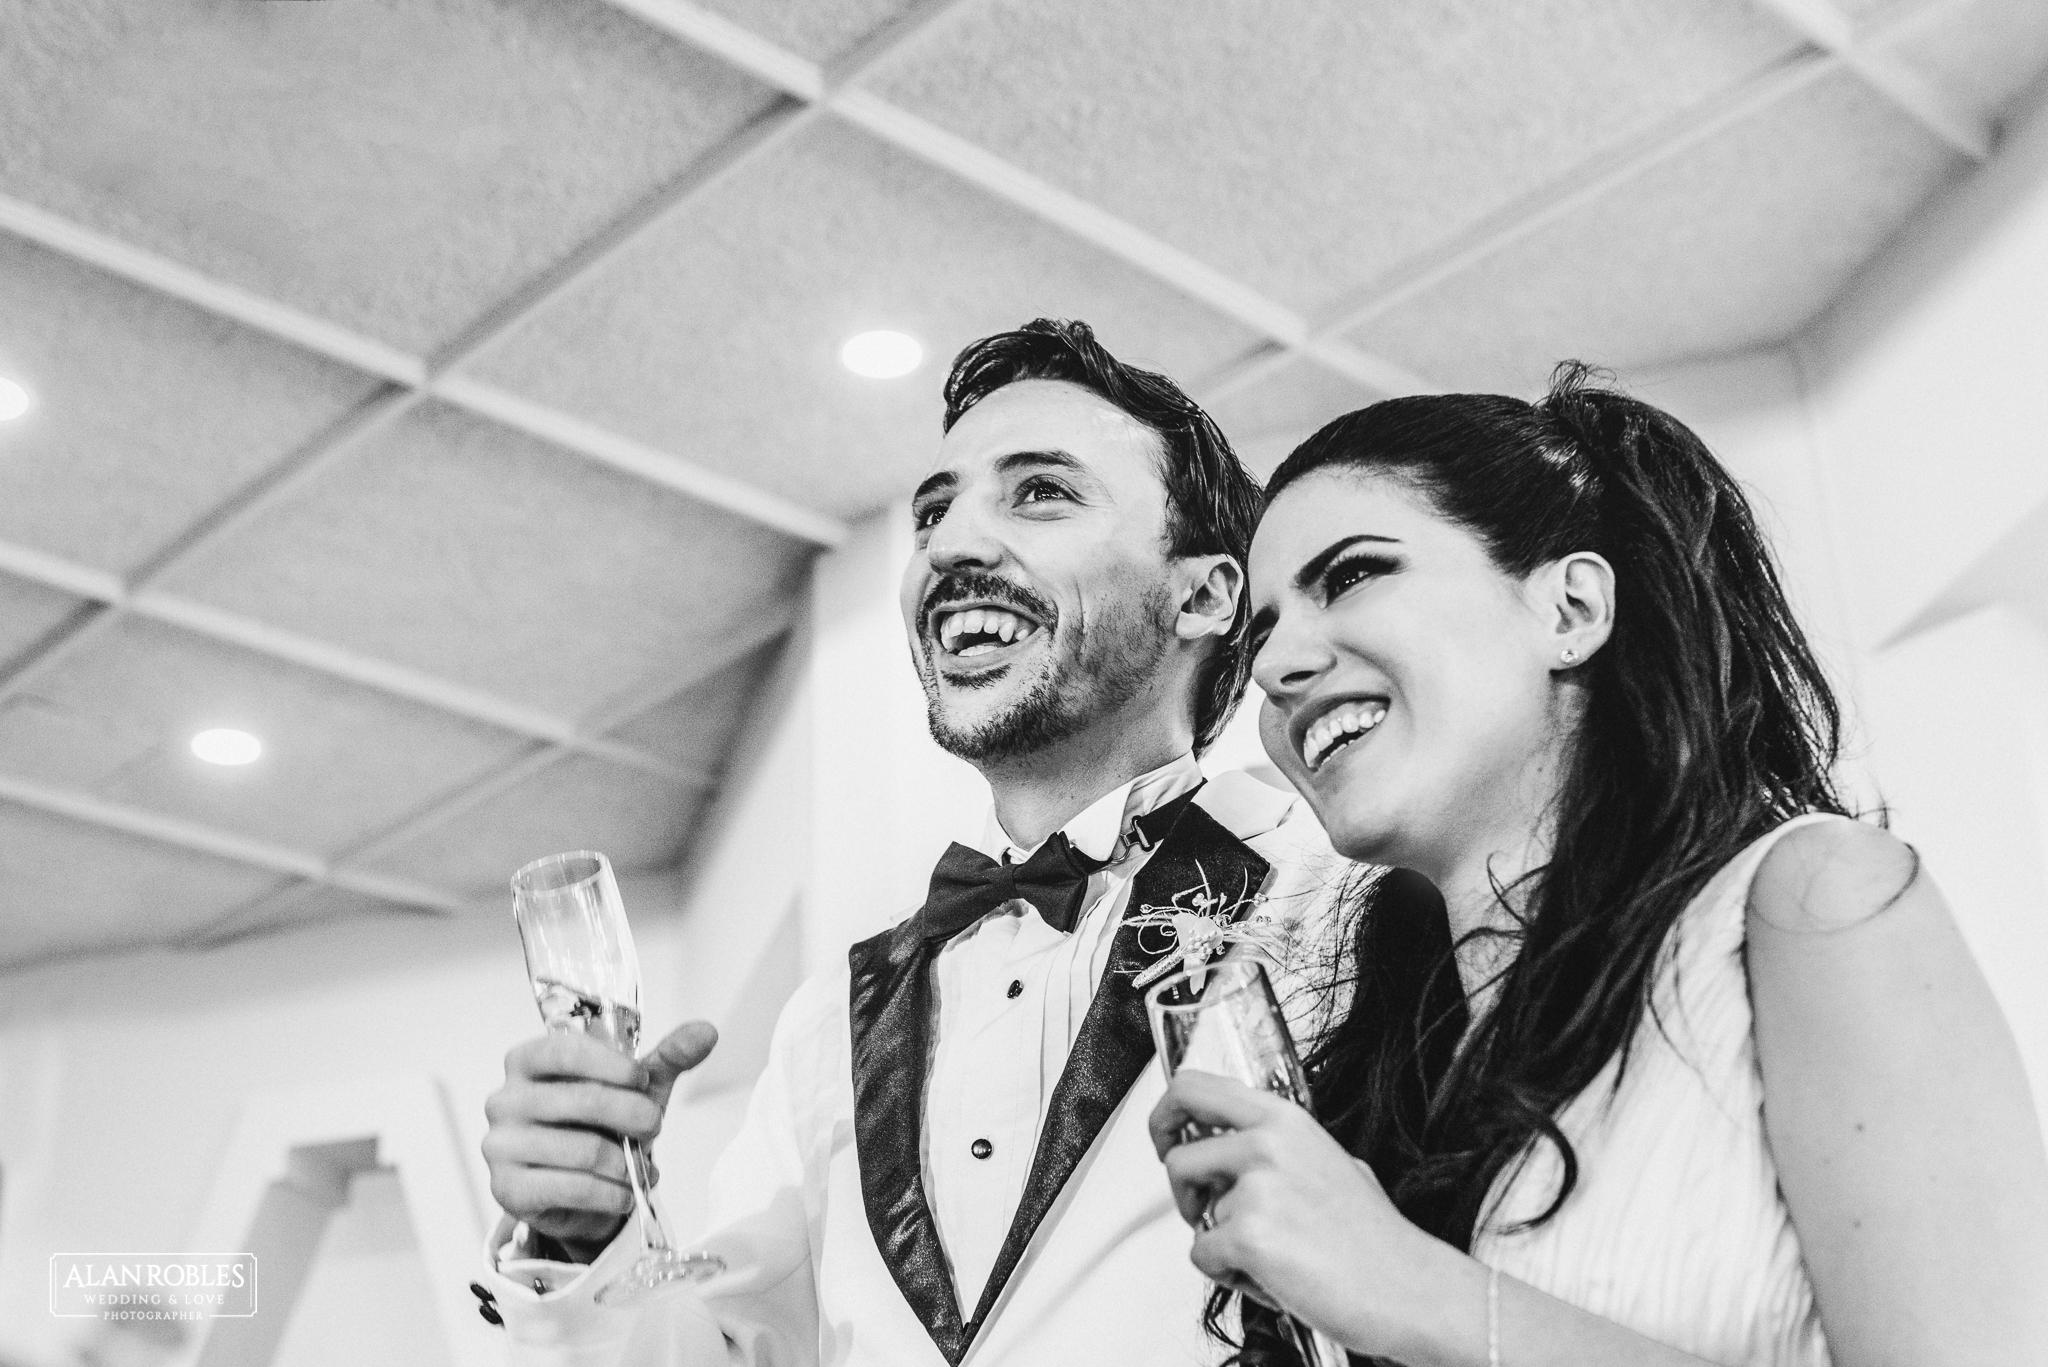 Brindis en boda. Novios con copas en el brindis. Recepcion y fiesta de boda. Novios sonrientes. Retrato. Alan Robles Wedding & Love Photographer, Fotografo de bodas en Guadalajara.